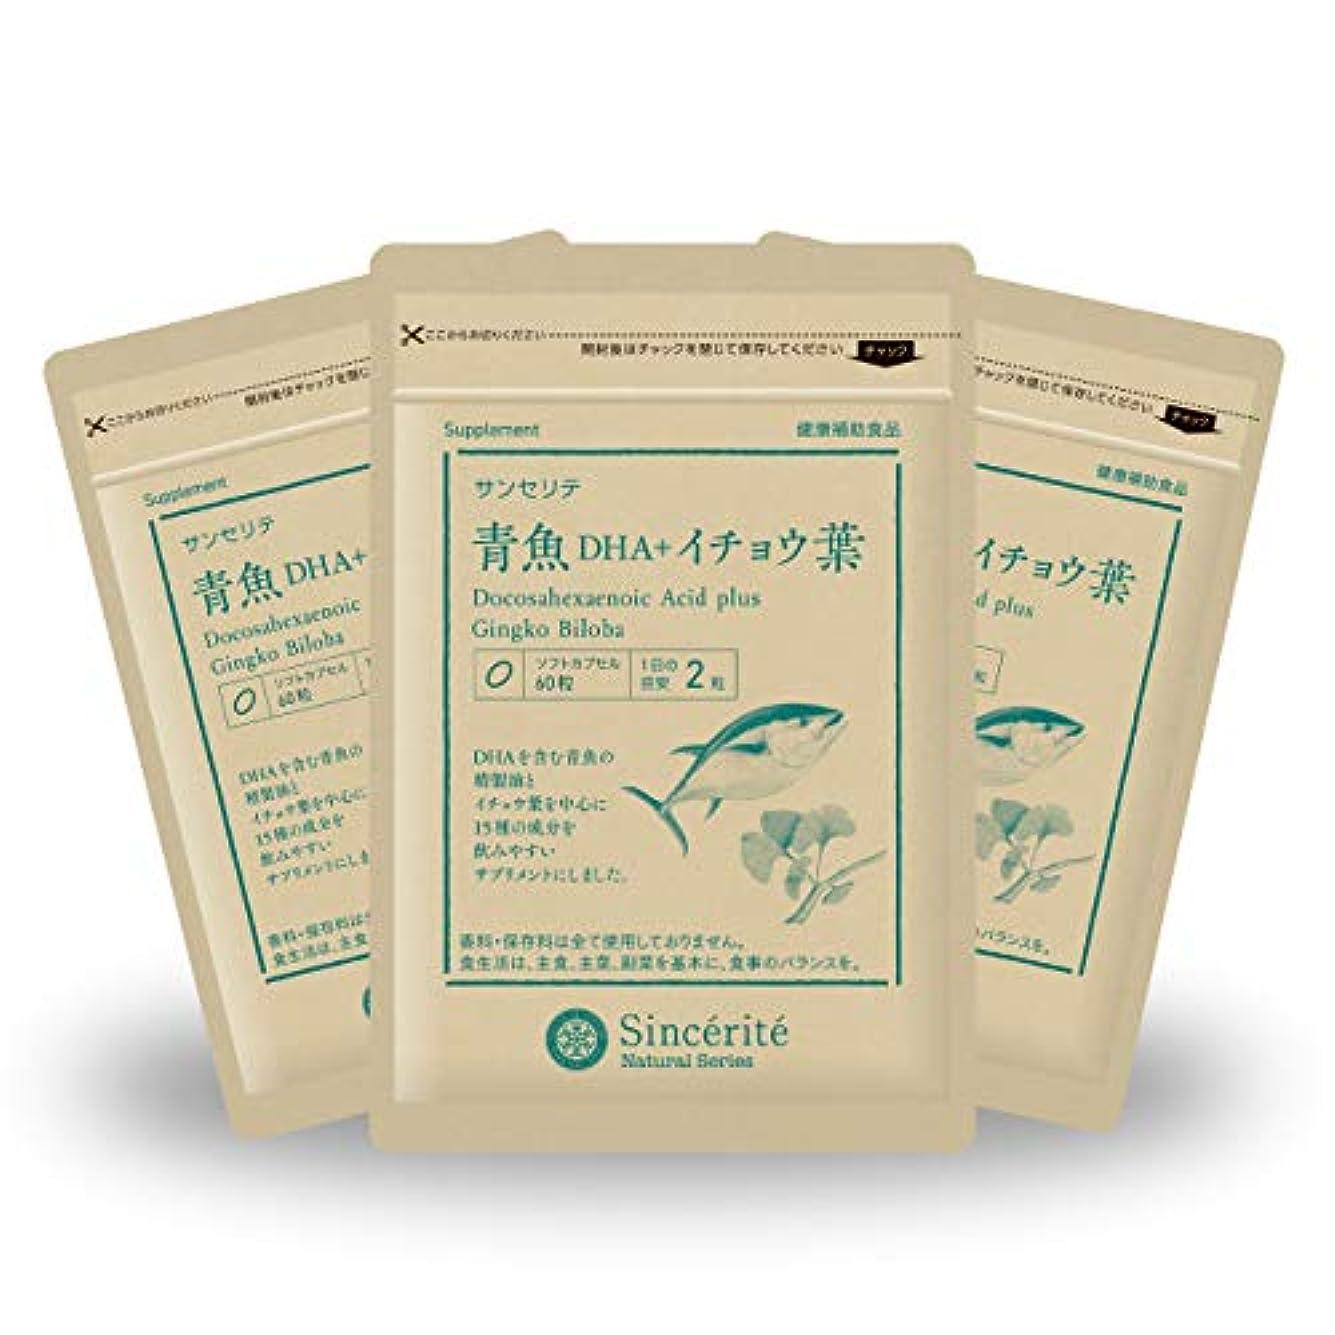 持つサミュエル読みやすさ青魚DHA+イチョウ葉 3袋セット[送料無料][DHA]101mg配合[国内製造]お得な★90日分